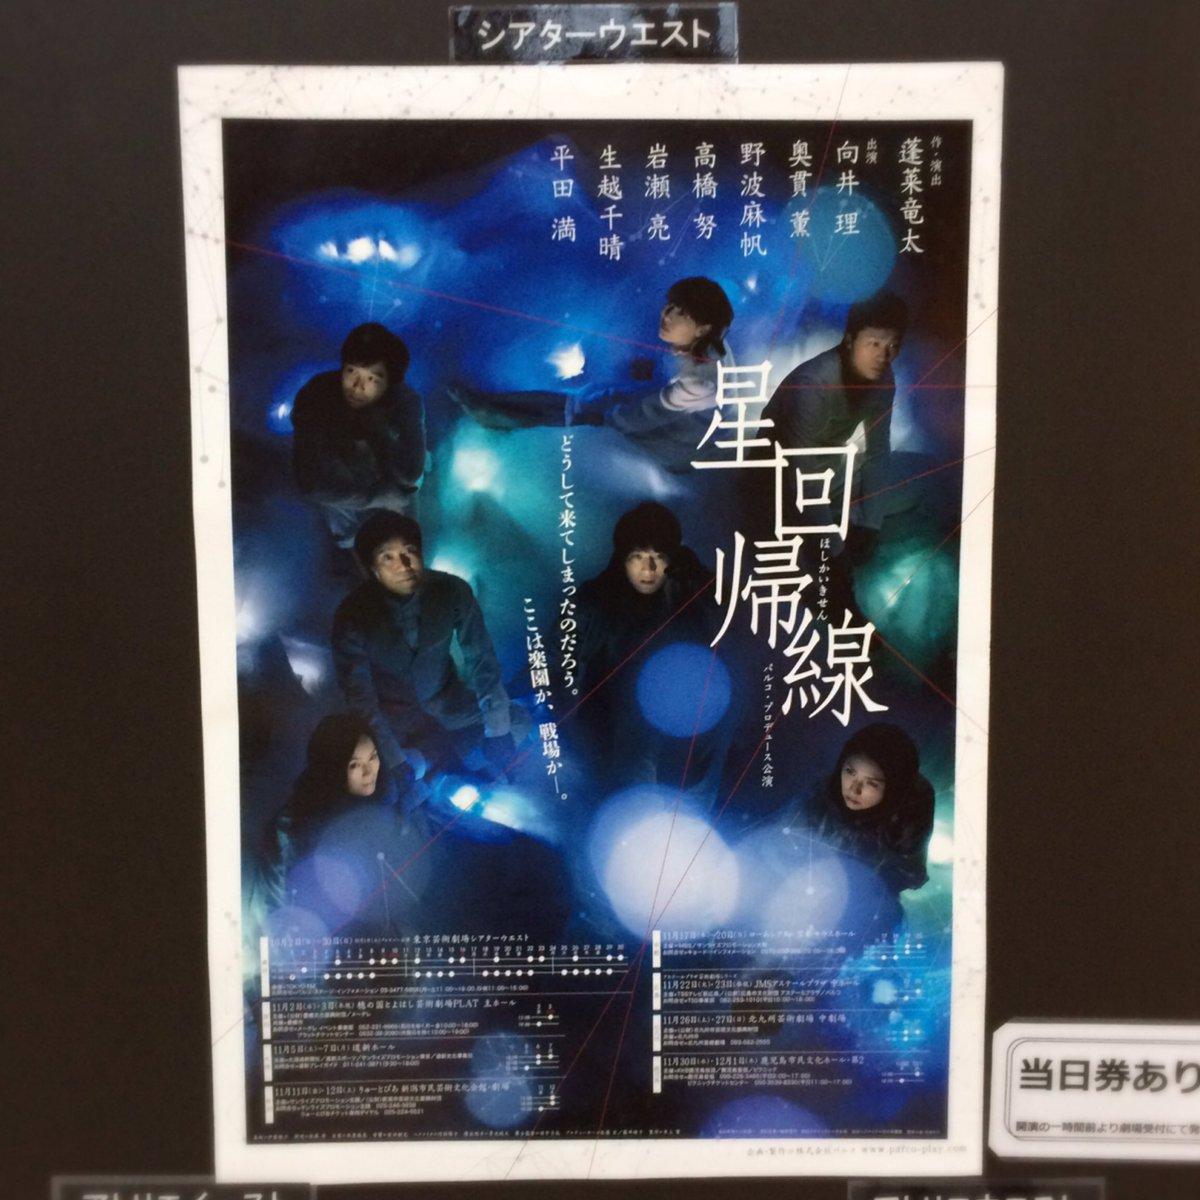 蓬莱竜太さん作演出「星回帰線」。7人それぞれが不器用に人生にもがいて生きる姿。大きな意味でのハッピーエンドに涙。静かなる